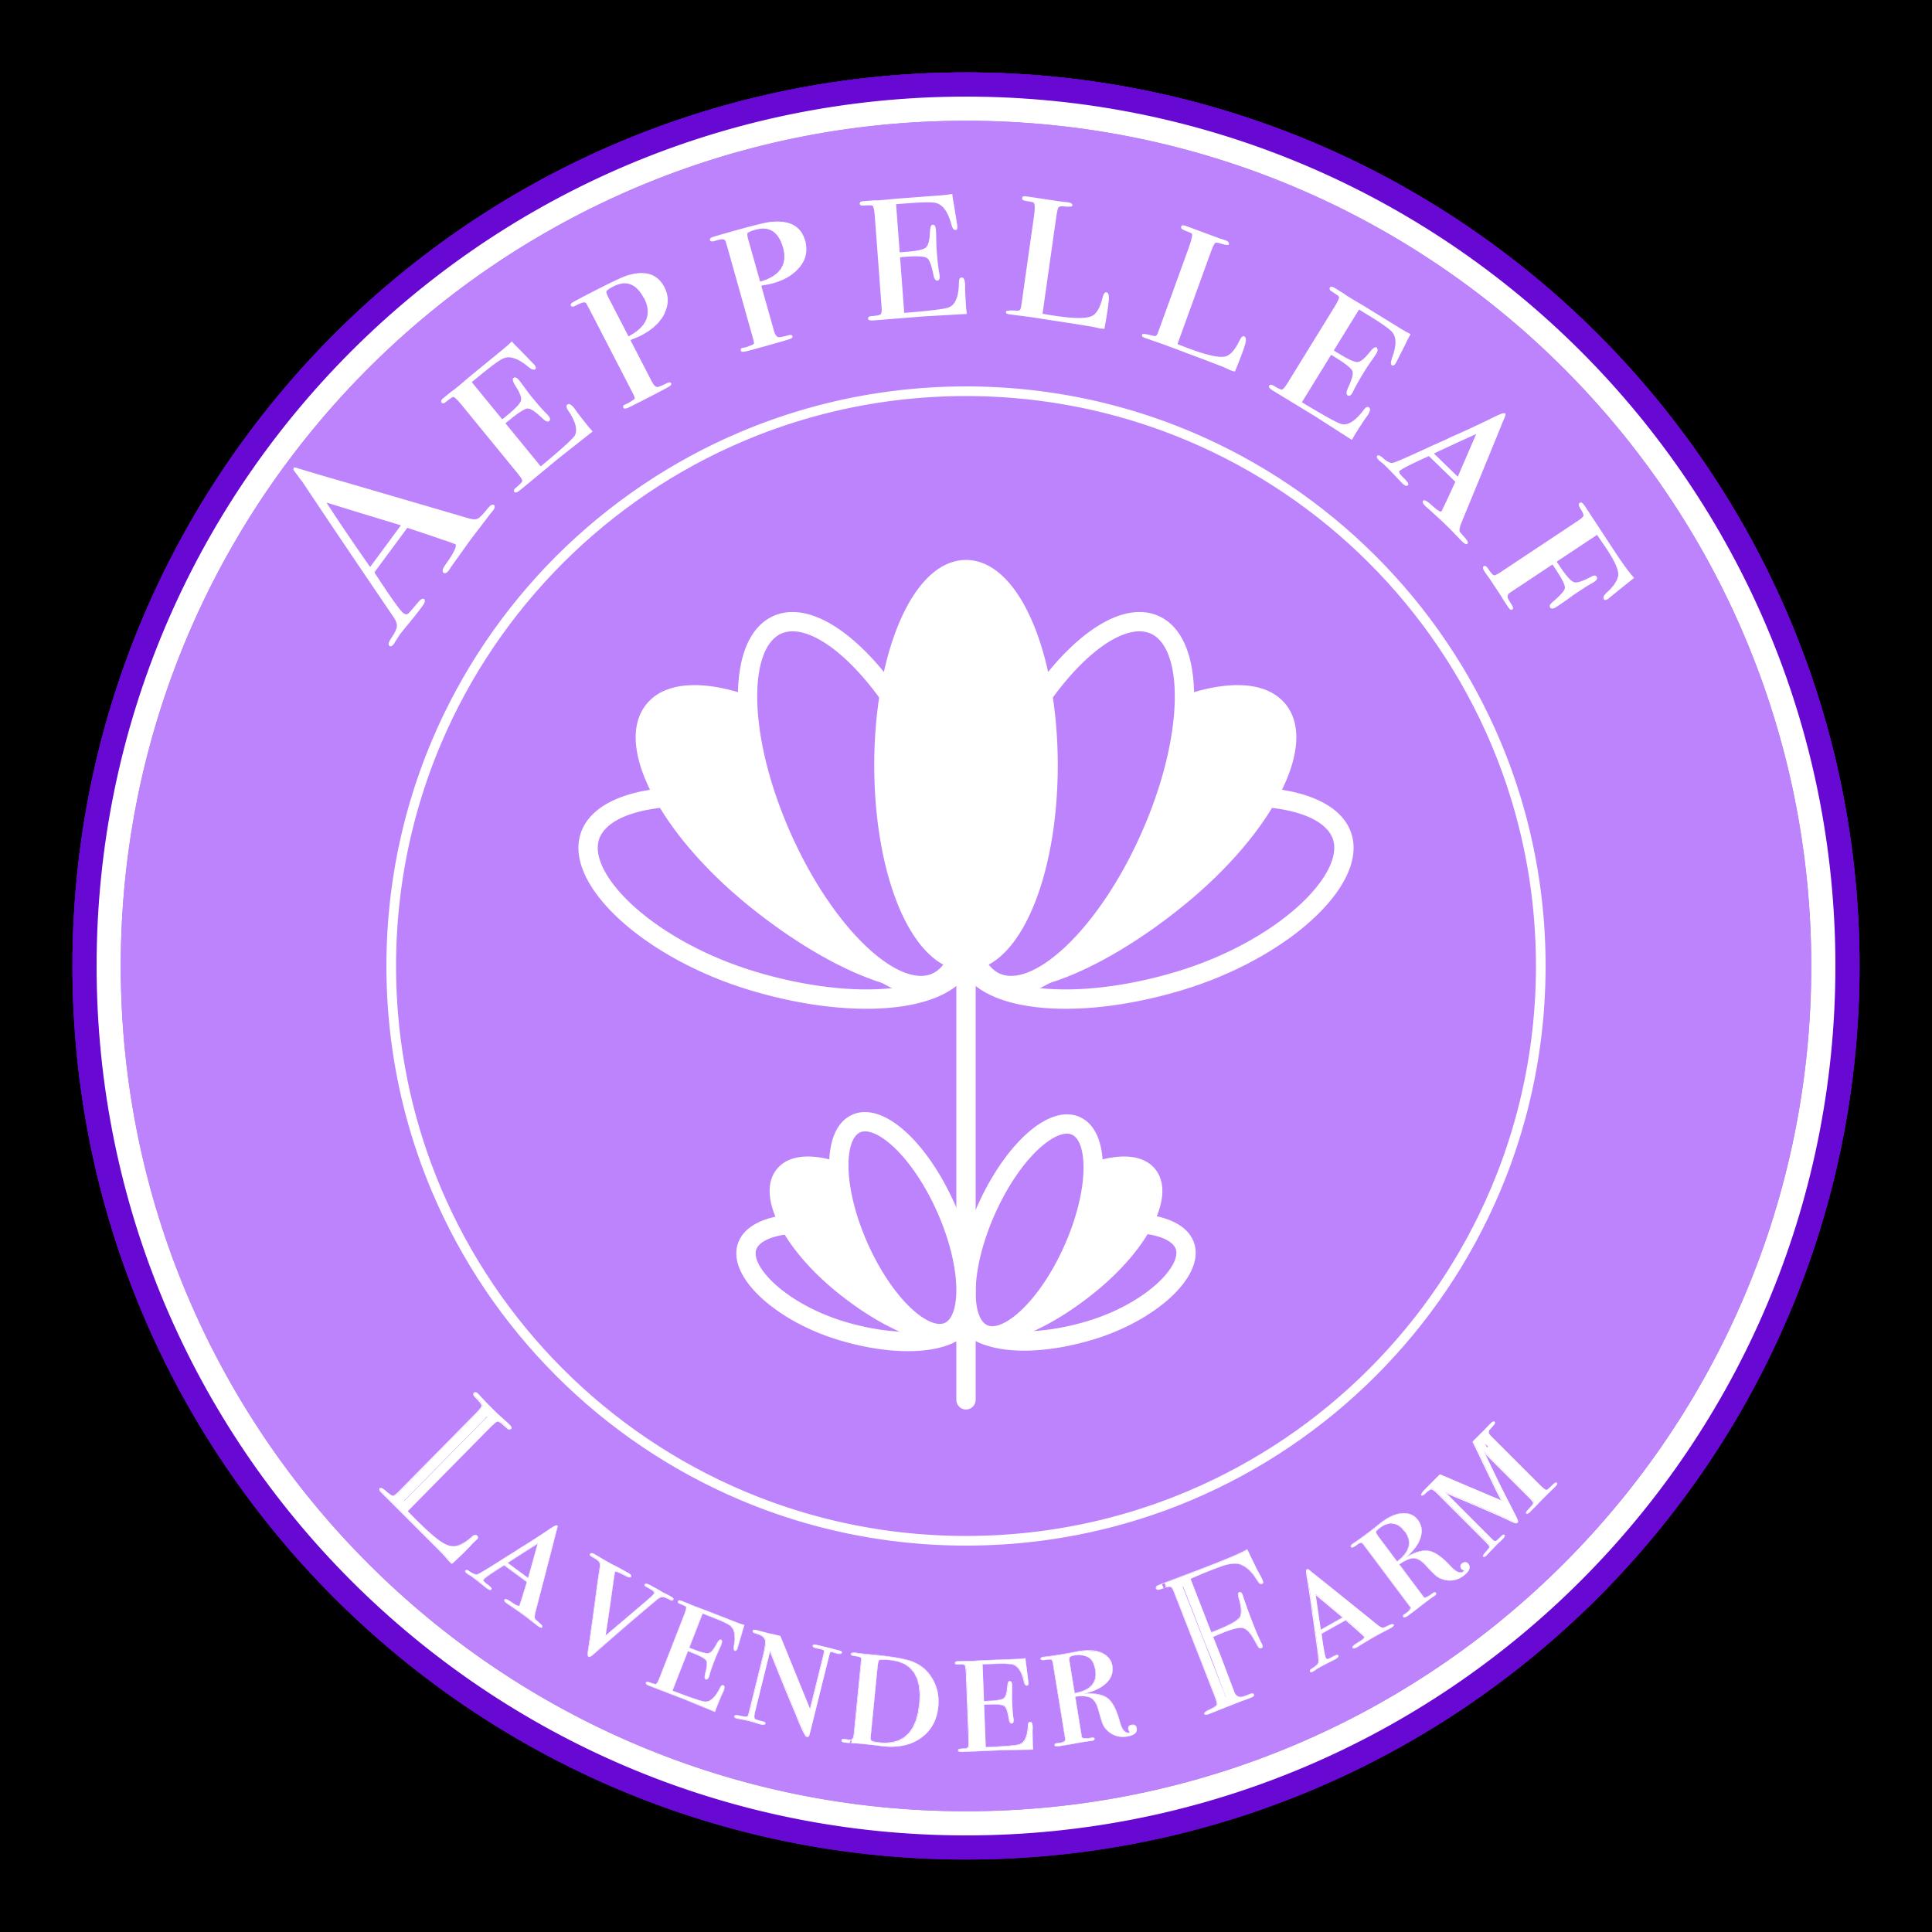 Aeppelleaf Farms